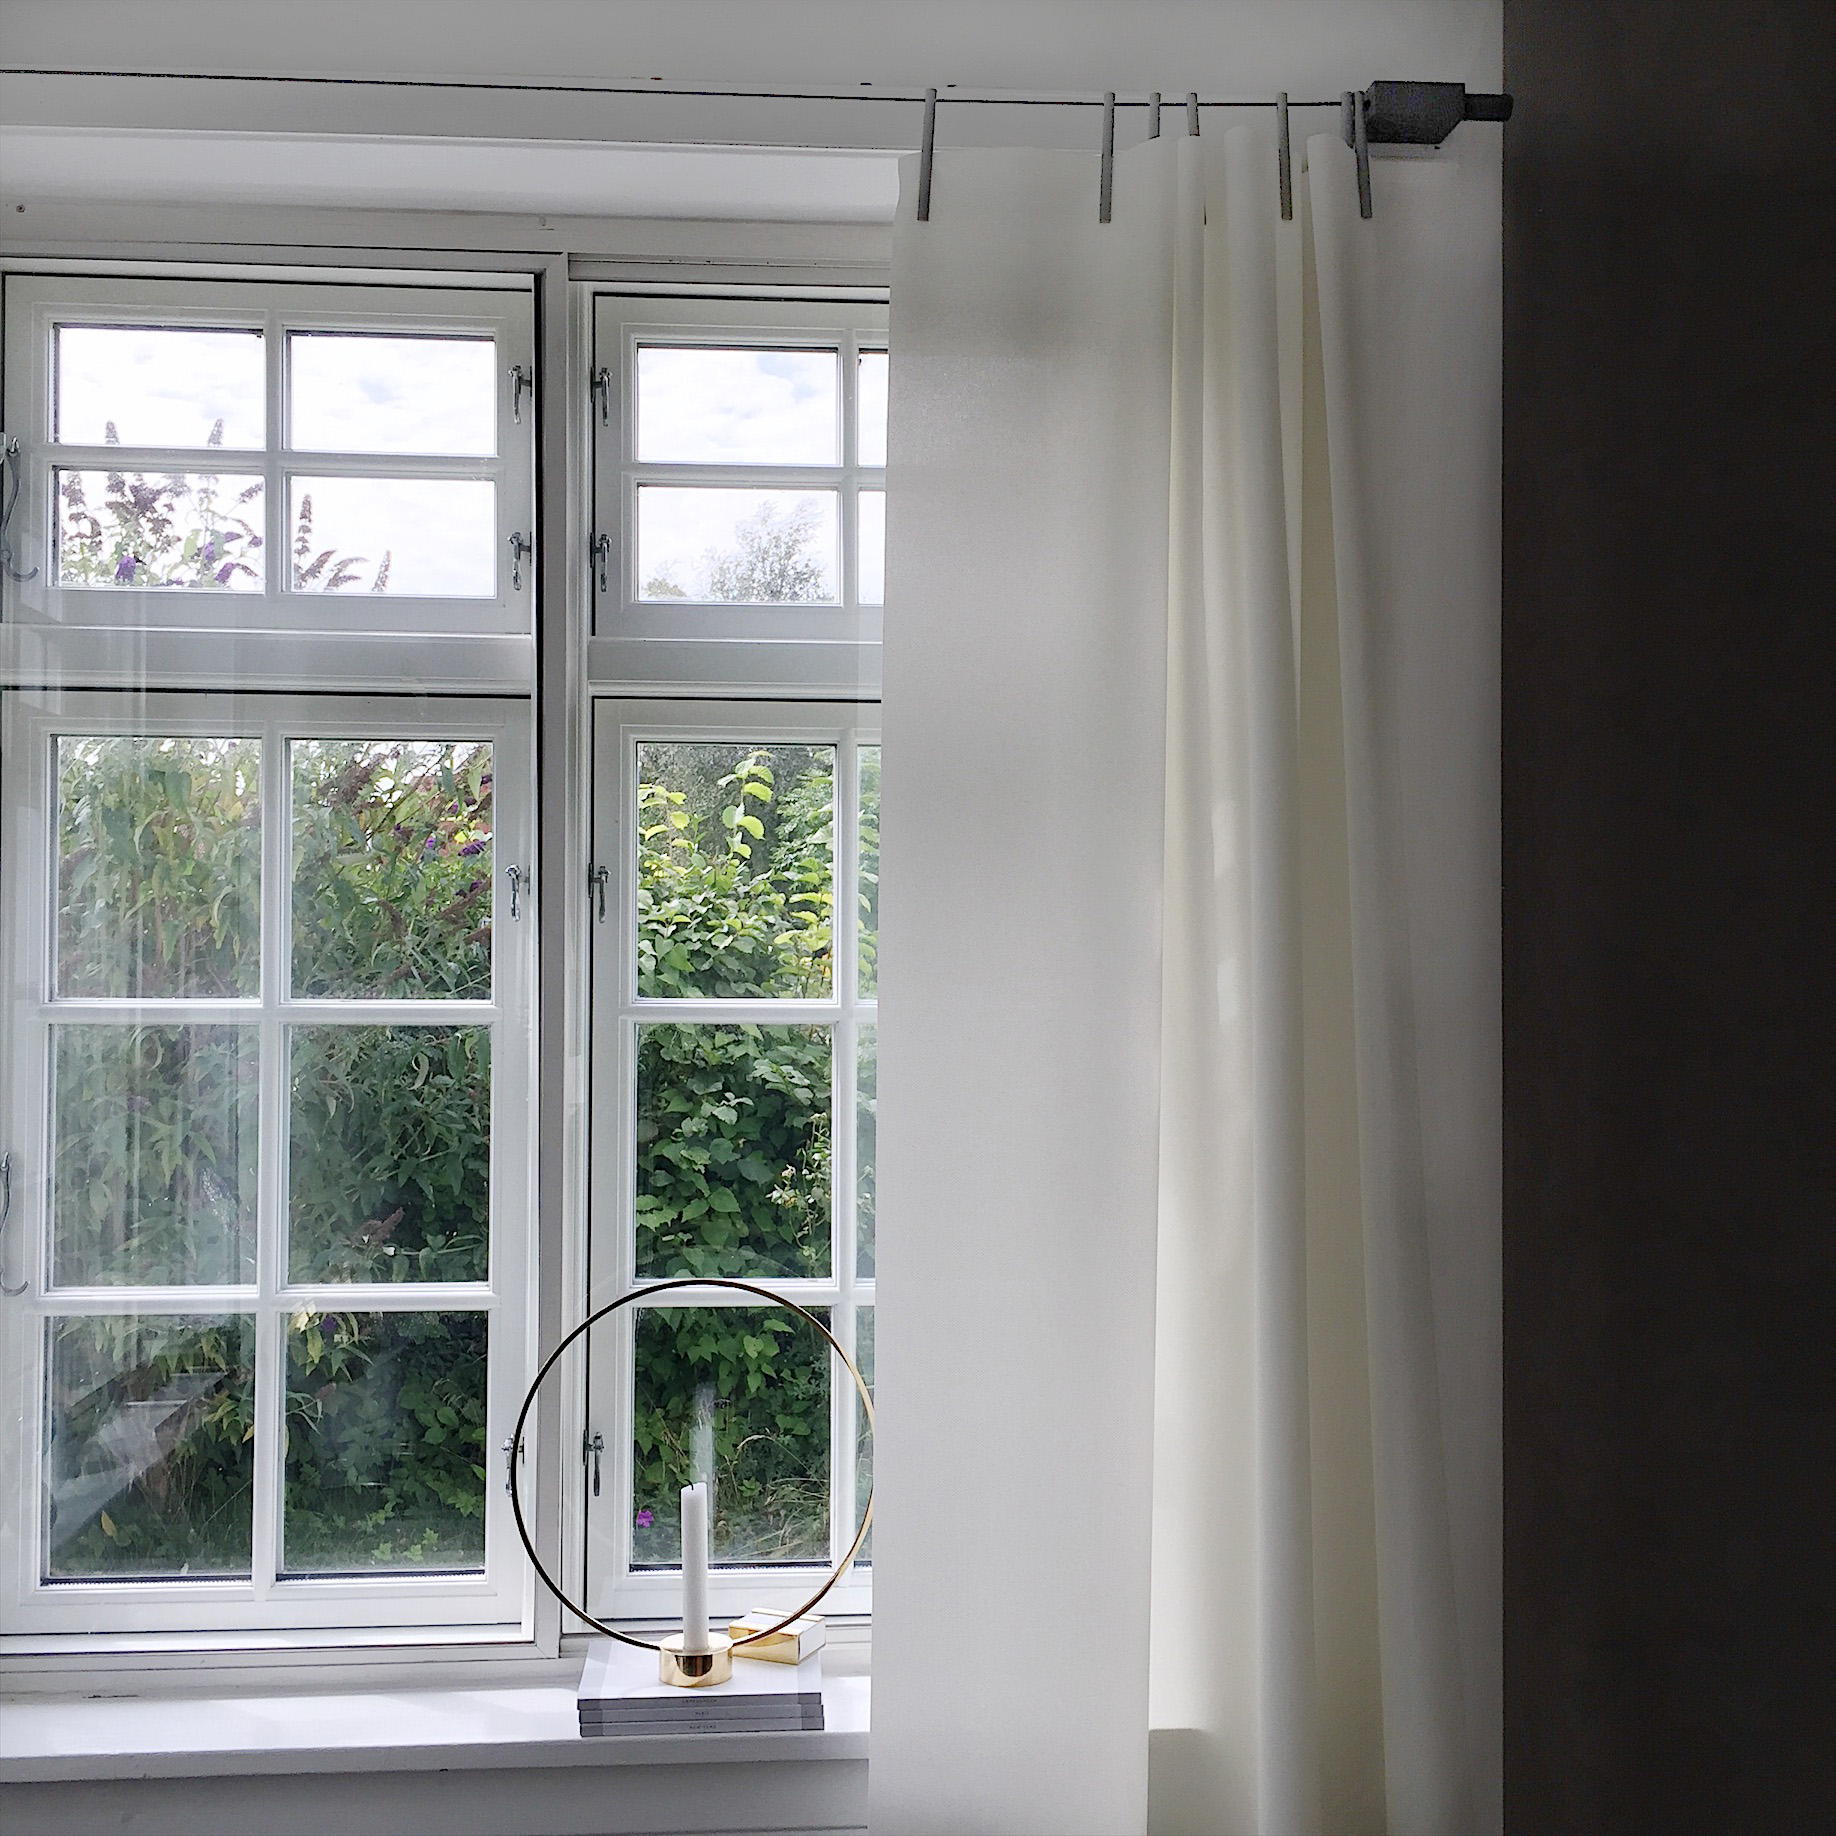 Billede af et vindue med sprossede vinduer og smukke hvide gardiner designet af Ronan & Erwan Bouroullec i kvadrat stof . I vindueskarmen ses den flotte Klong lysestage.